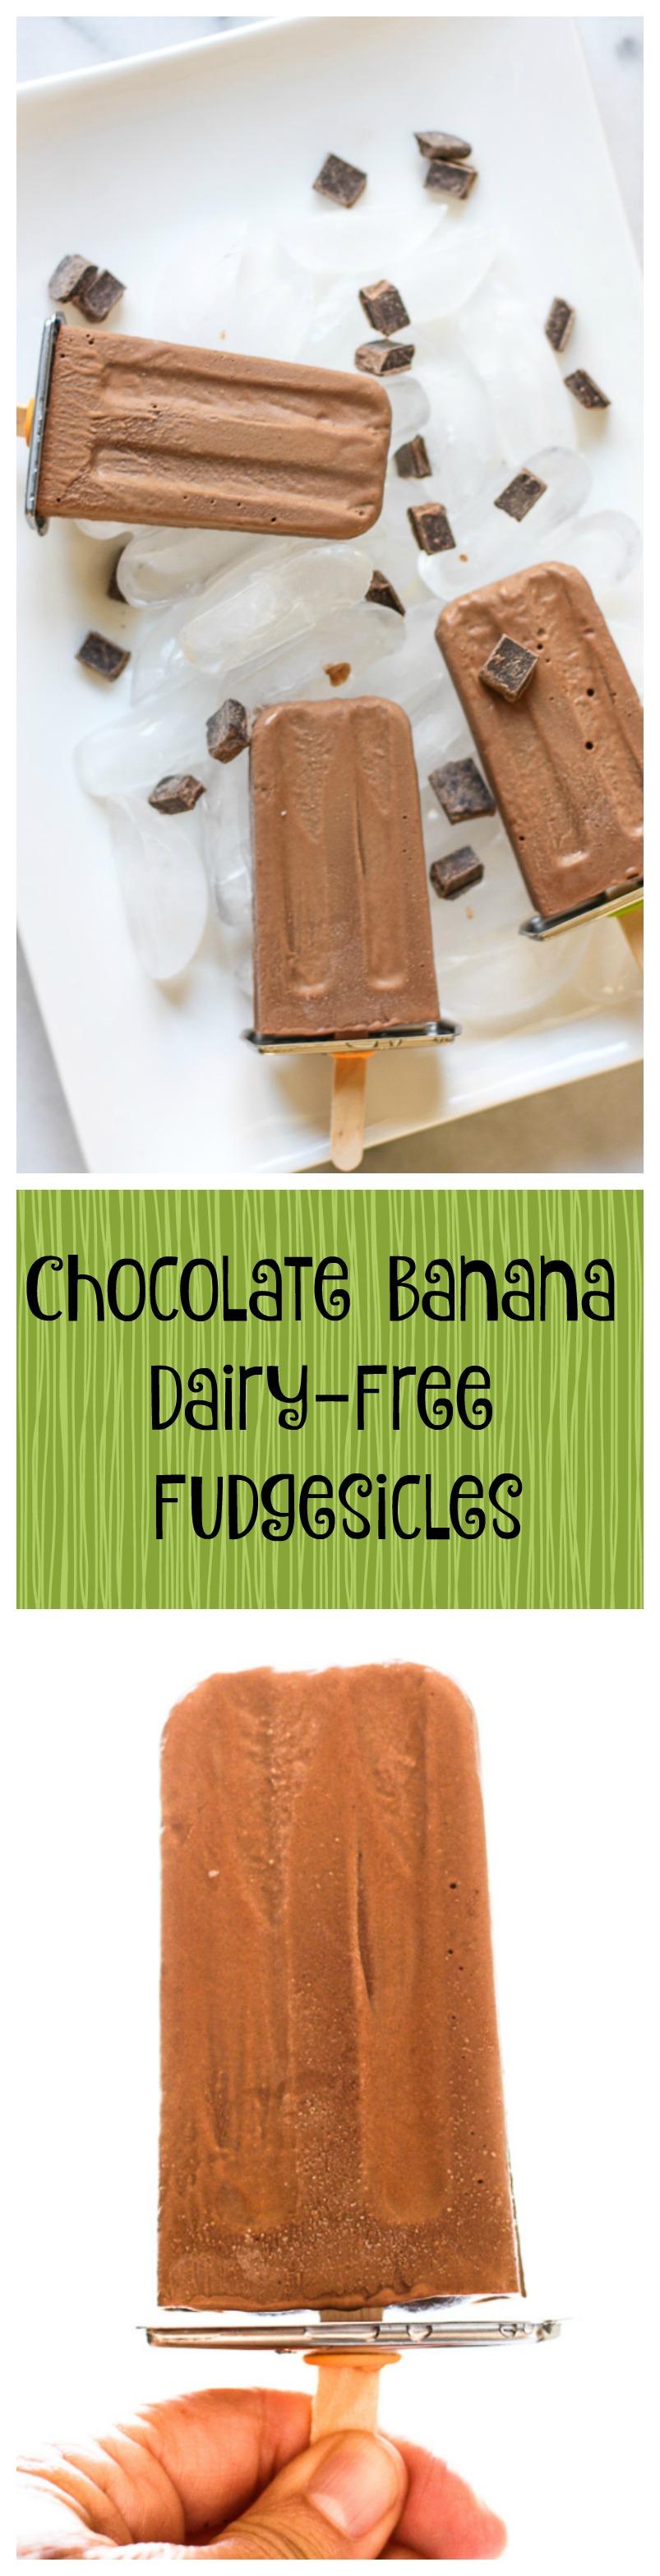 chocolate banana dairy-free fudgesicles